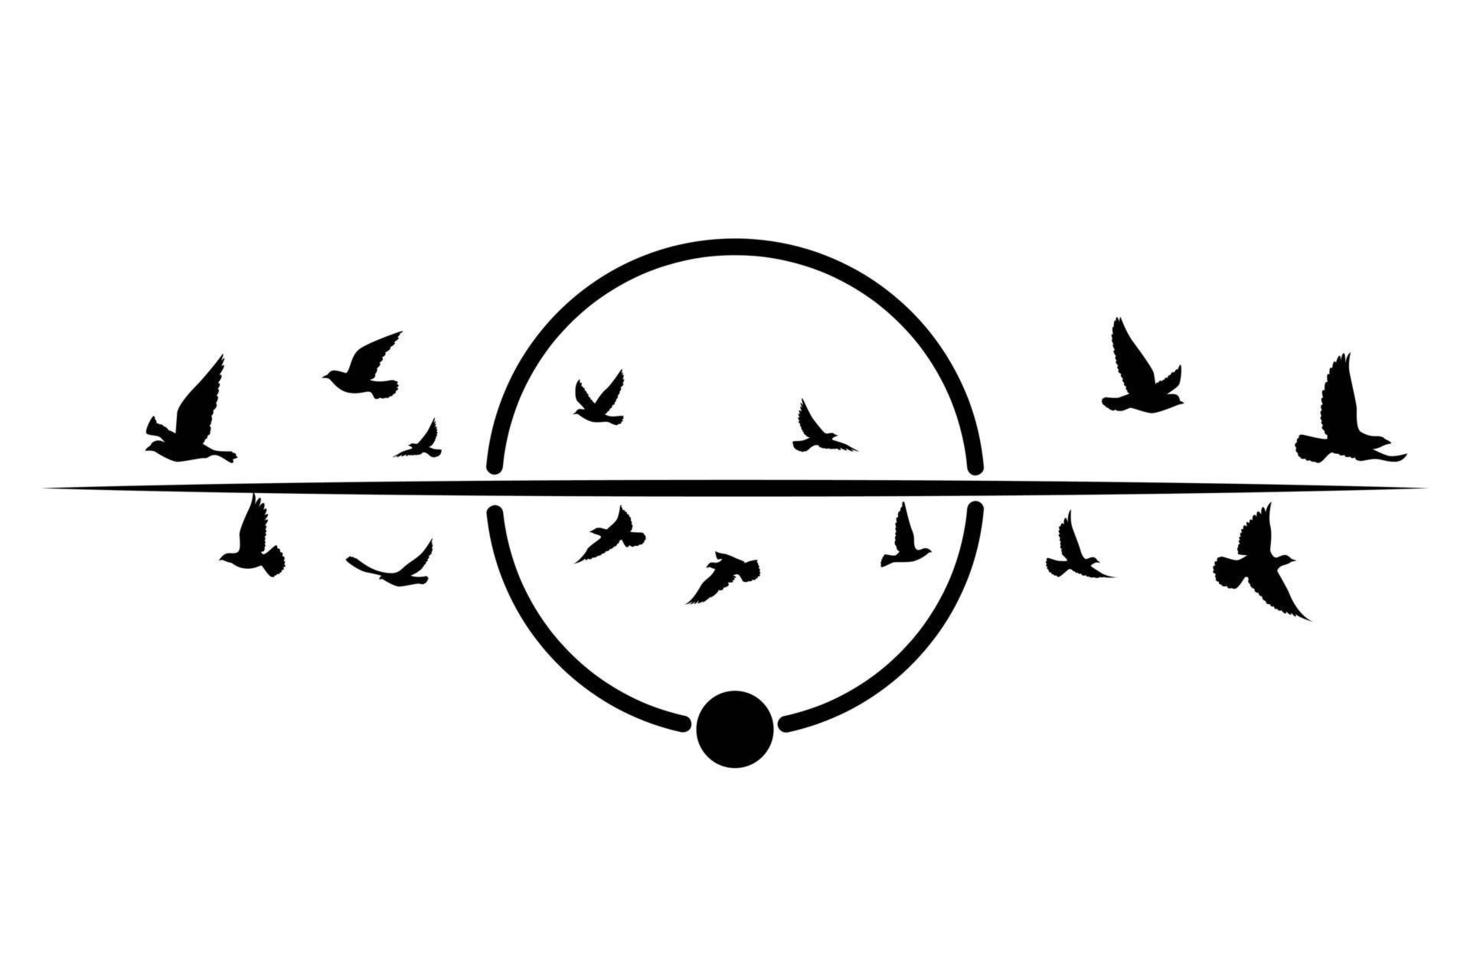 flygande fåglar silhuetter på isolerad bakgrund. vektor illustration. isolerad fågel som flyger. tatuering och tapet bakgrundsdesign. fågelfluga och geometriska former.